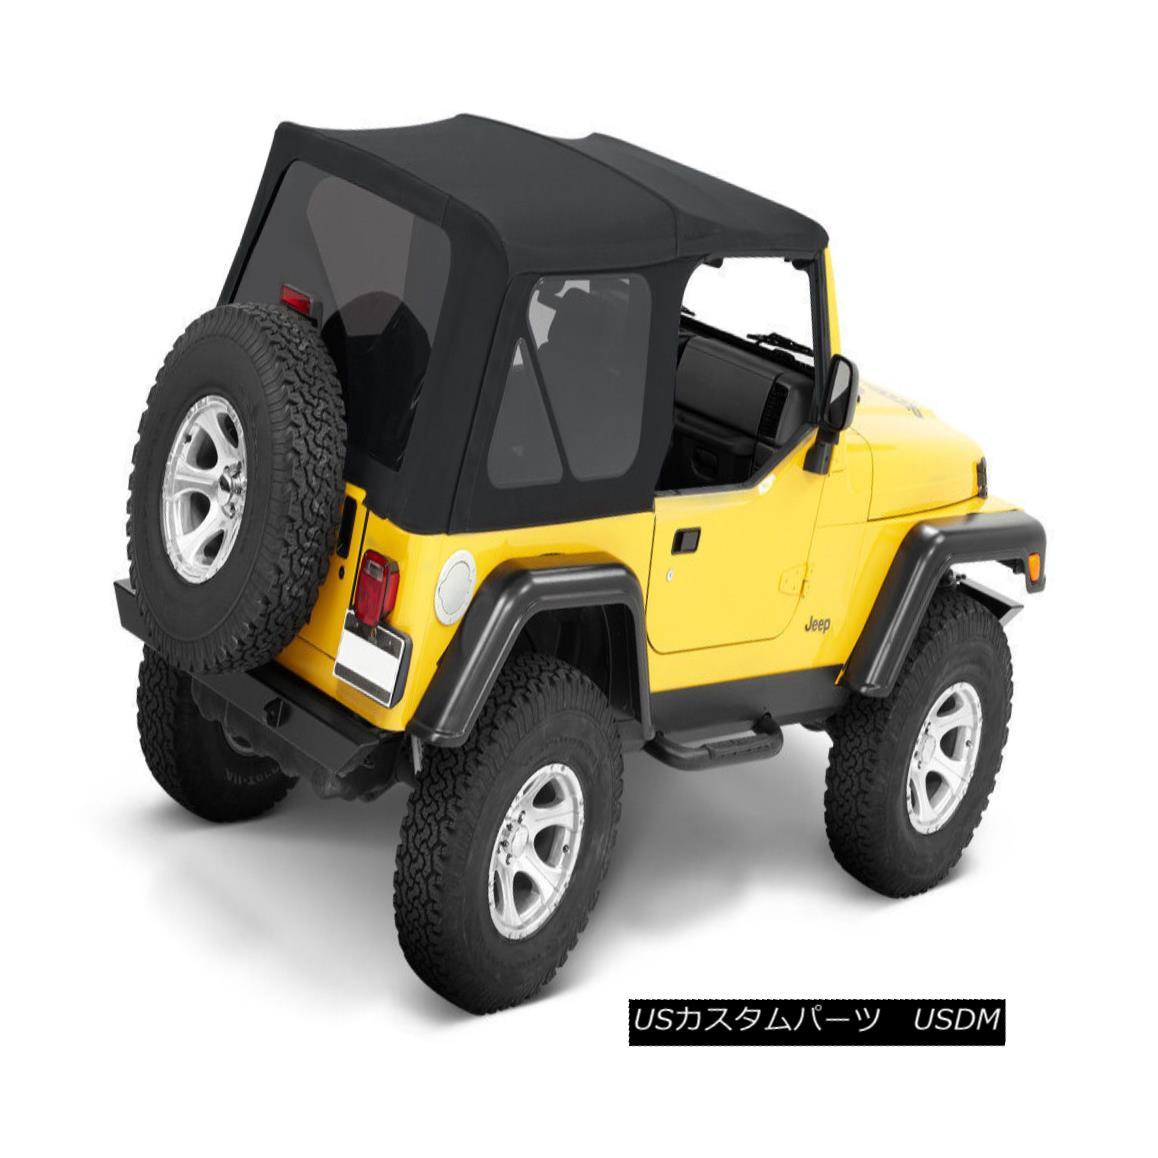 幌・ソフトトップ 1997-2006 Jeep Wrangler (TJ) Replacement Soft Top with Tinted Rear Windows Black 1997年?2006年ジープラングラー(TJ)交換用ソフトトップ、ティンテッドリアウィンドウブラック